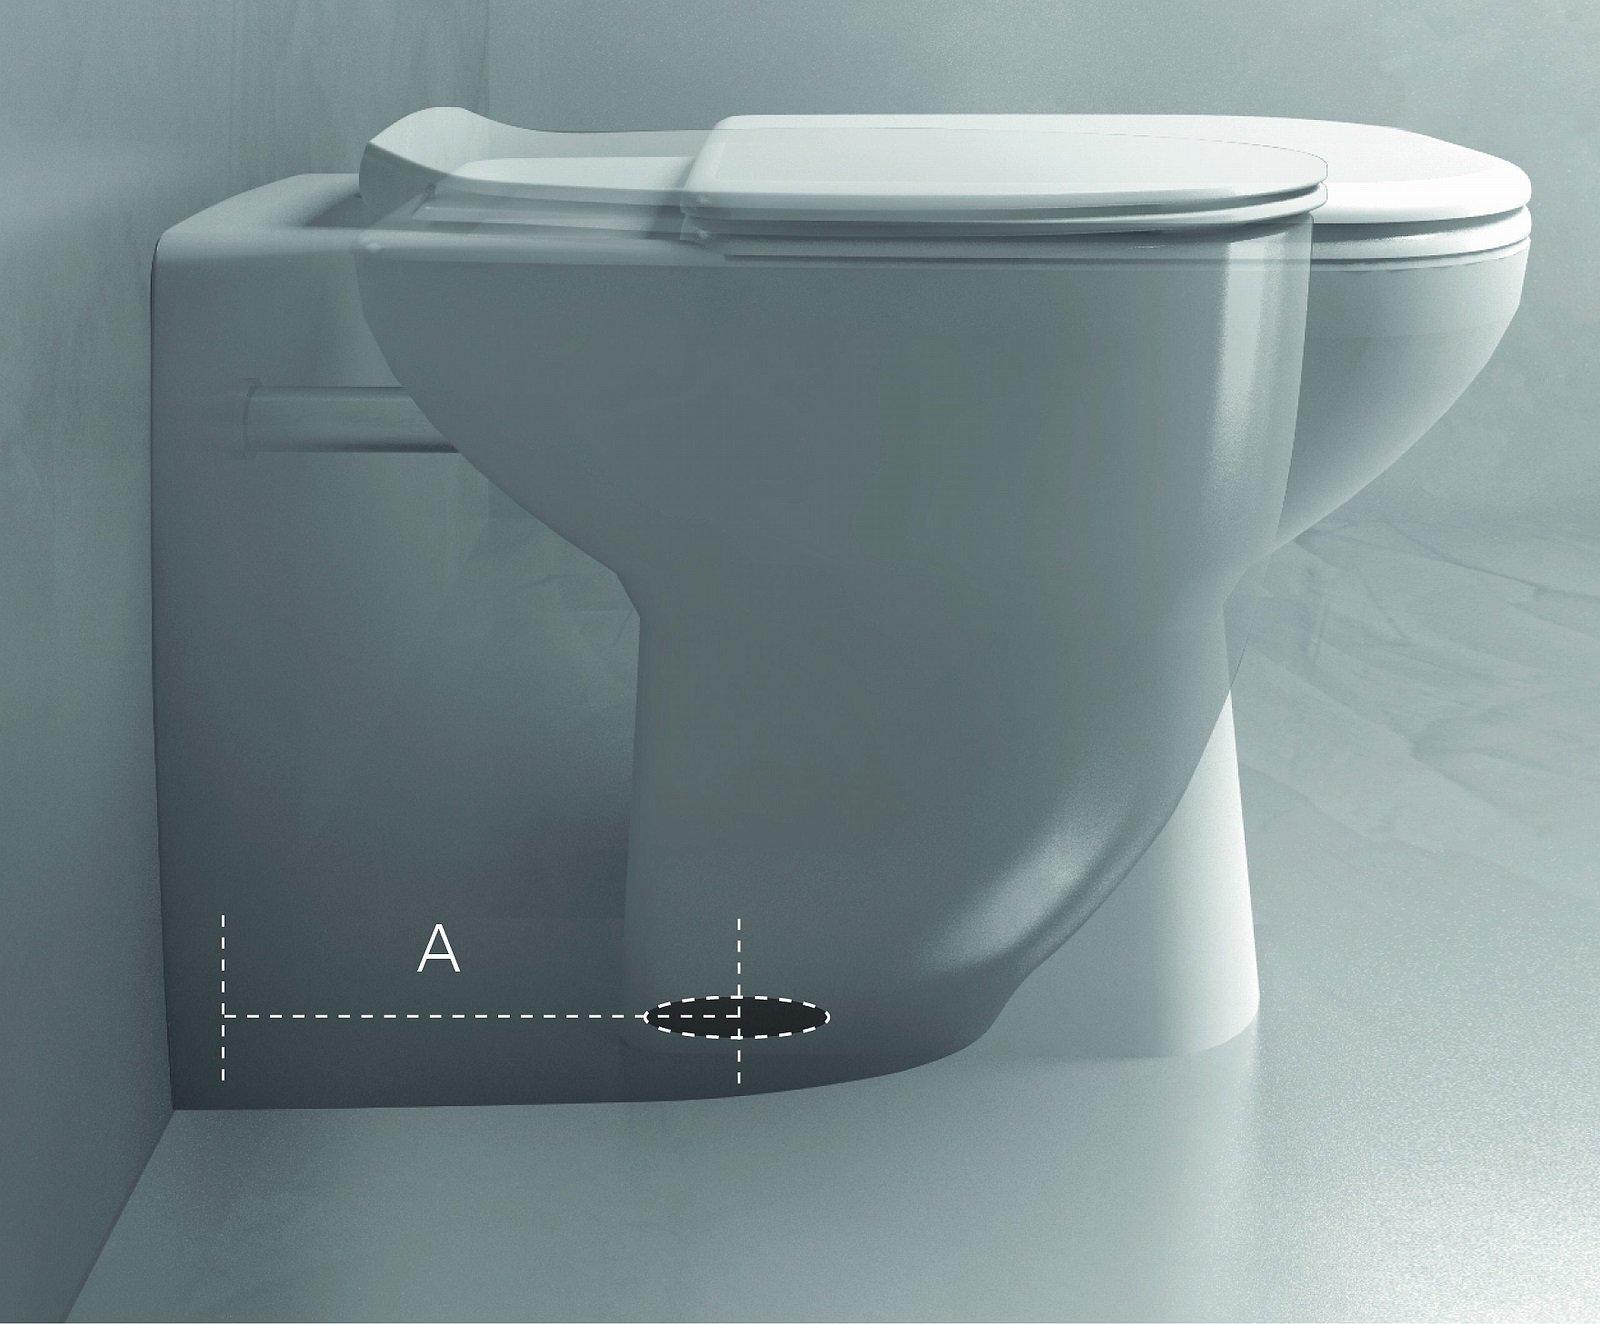 Sanitari Al Cersaie Nuovi Modelli : Ristrutturare il bagno sostituzione dei sanitari più